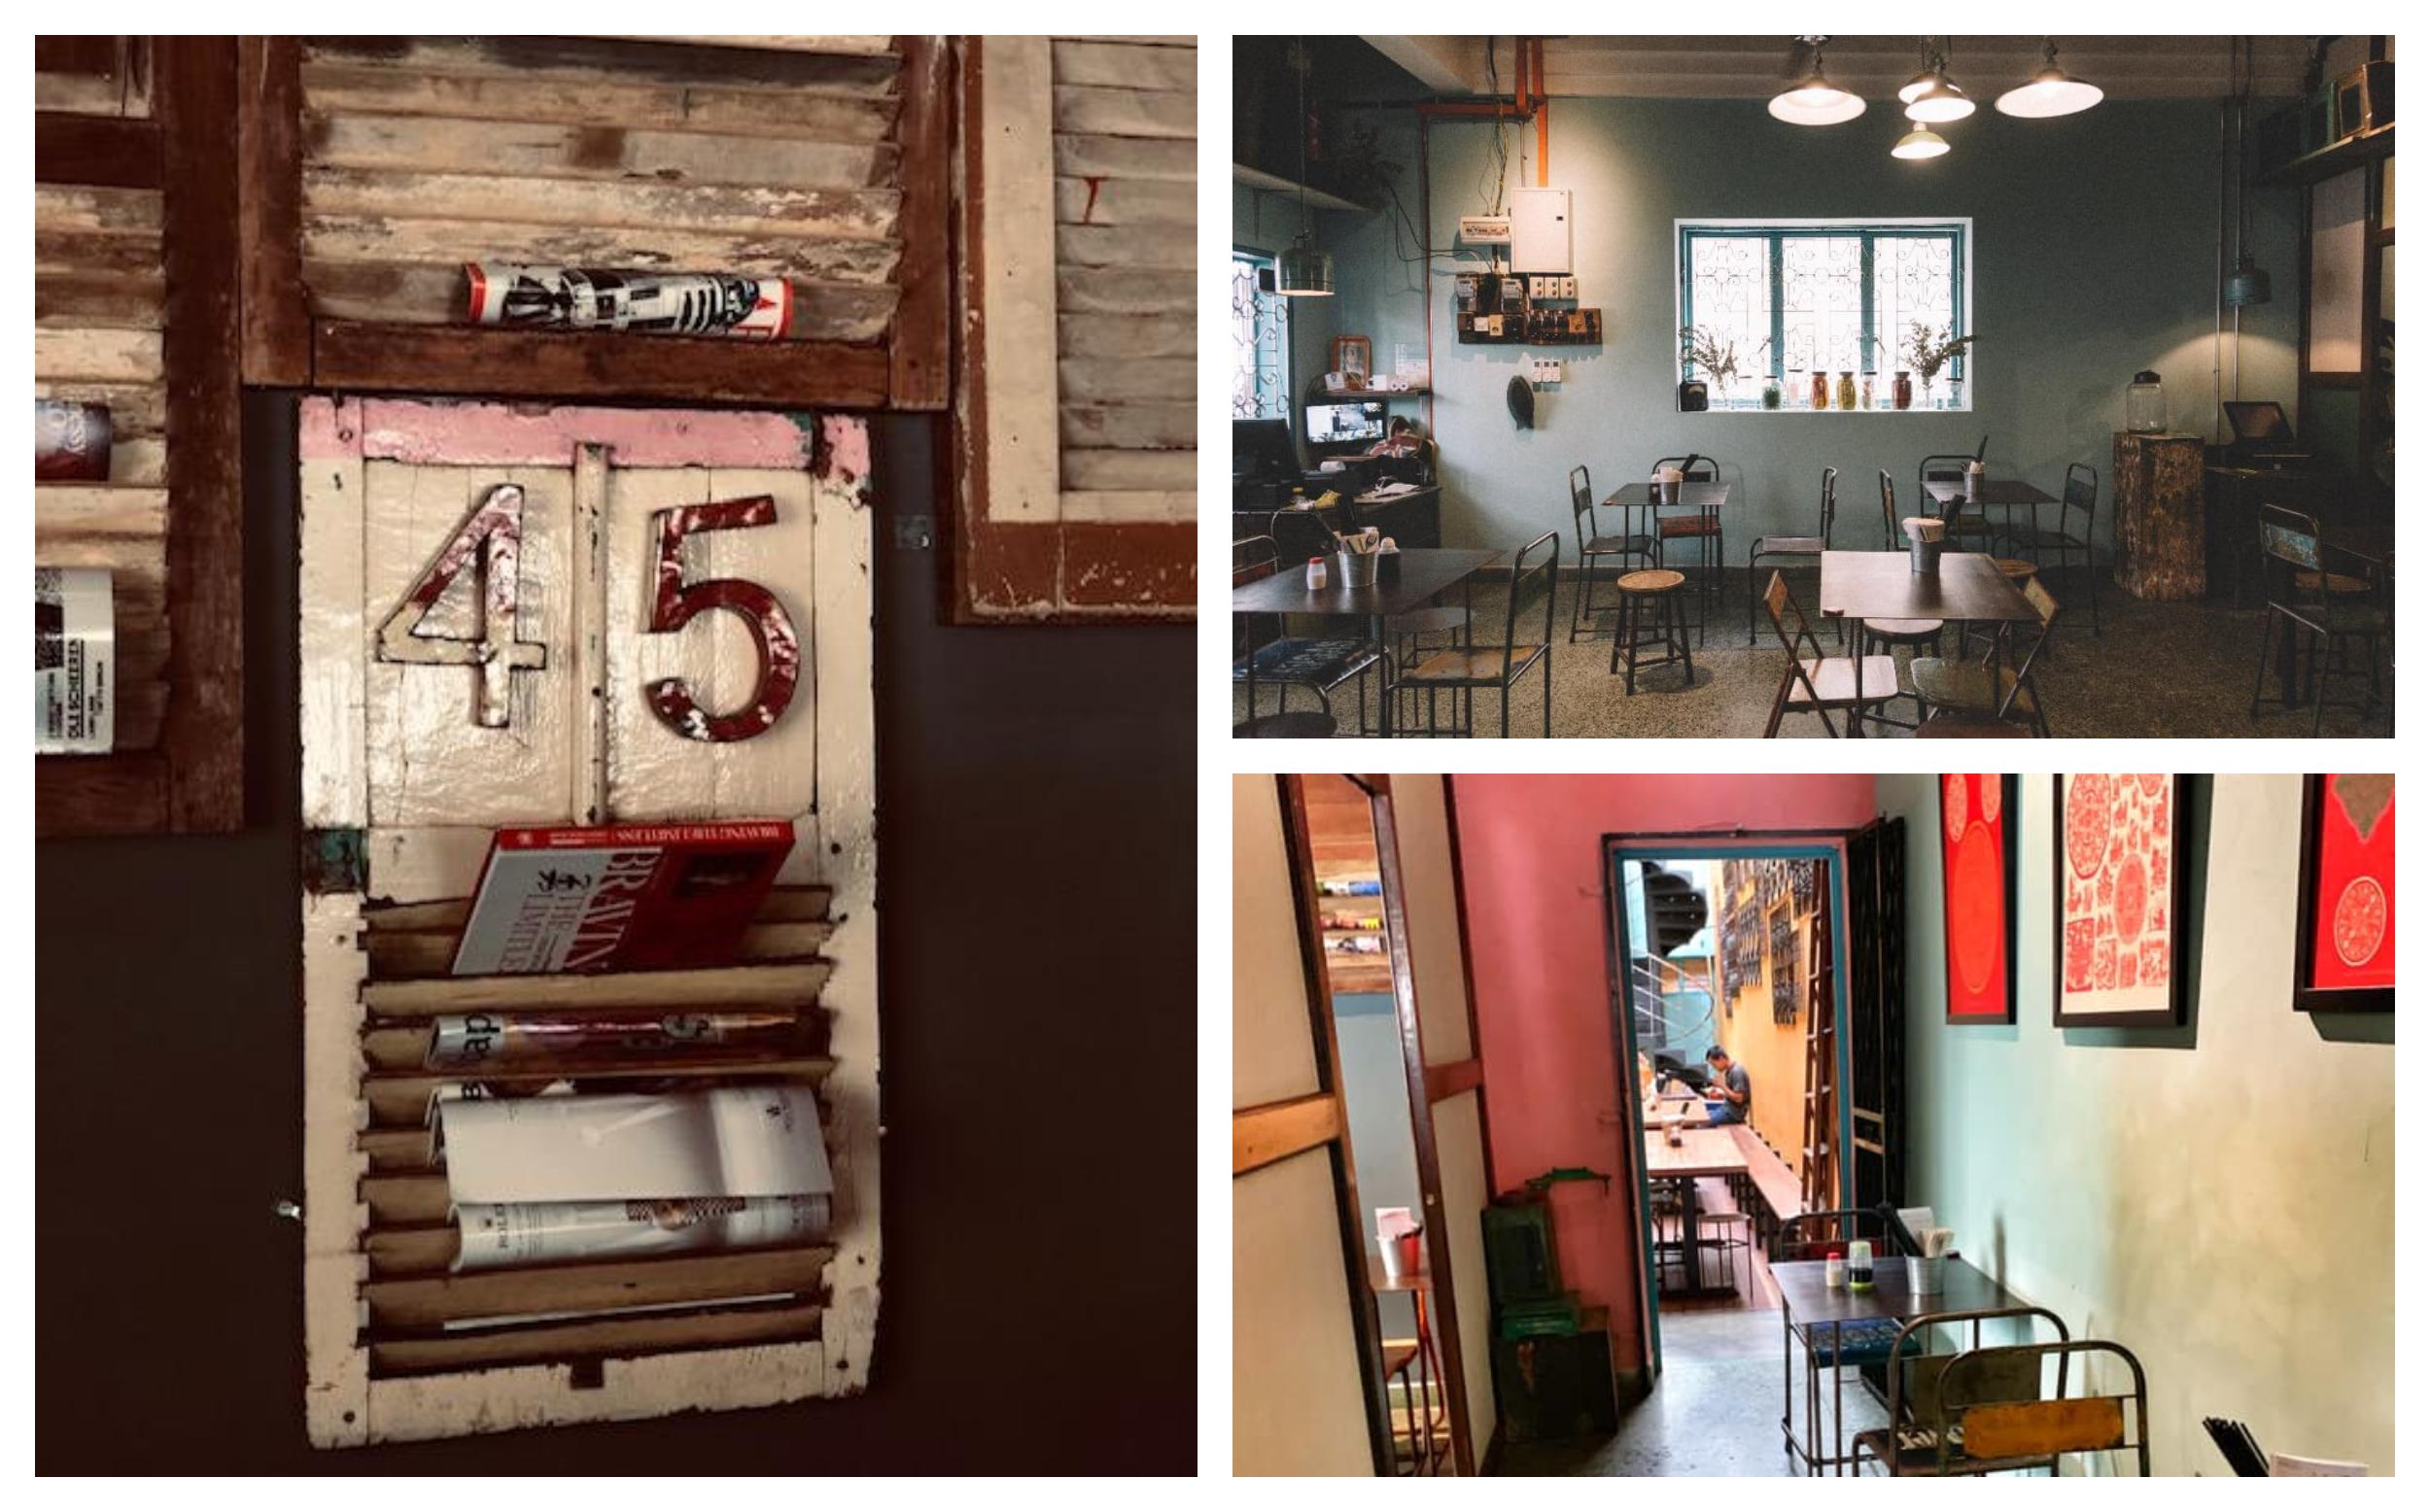 复古的装潢也让45 Speak Vezy Bar成为照片及打卡的景点。